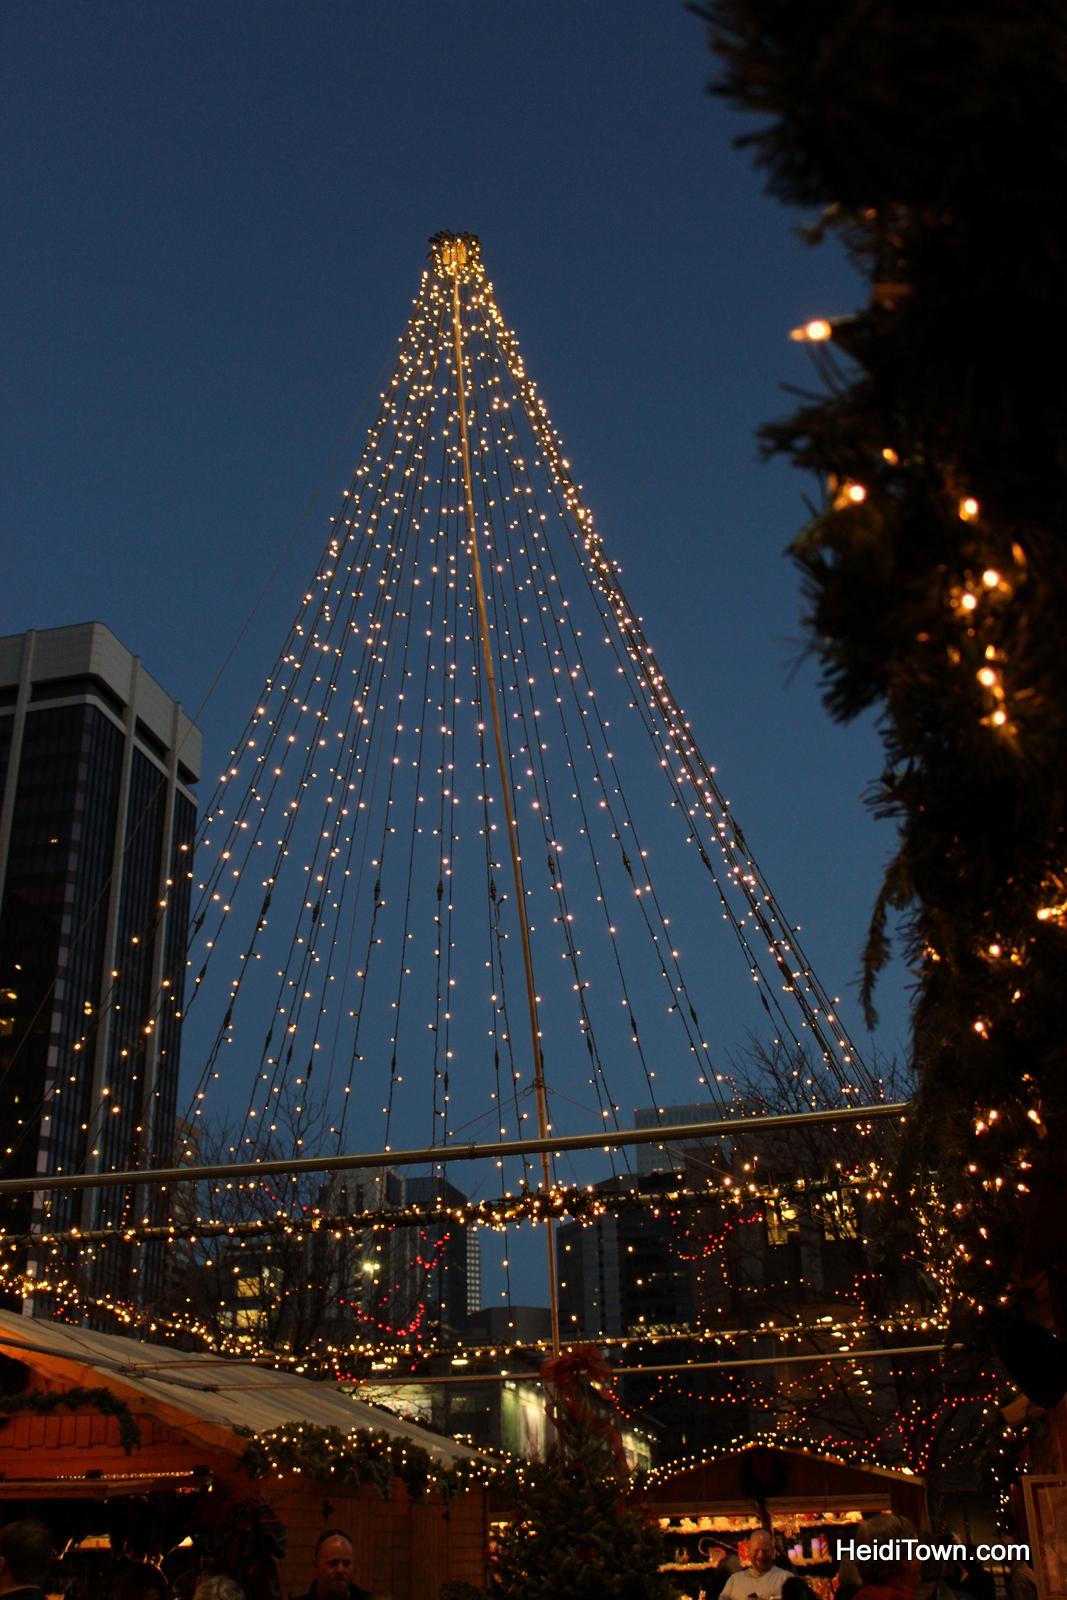 Christmas lights at the Denver Christkindl Market 2014. HeidiTown.com